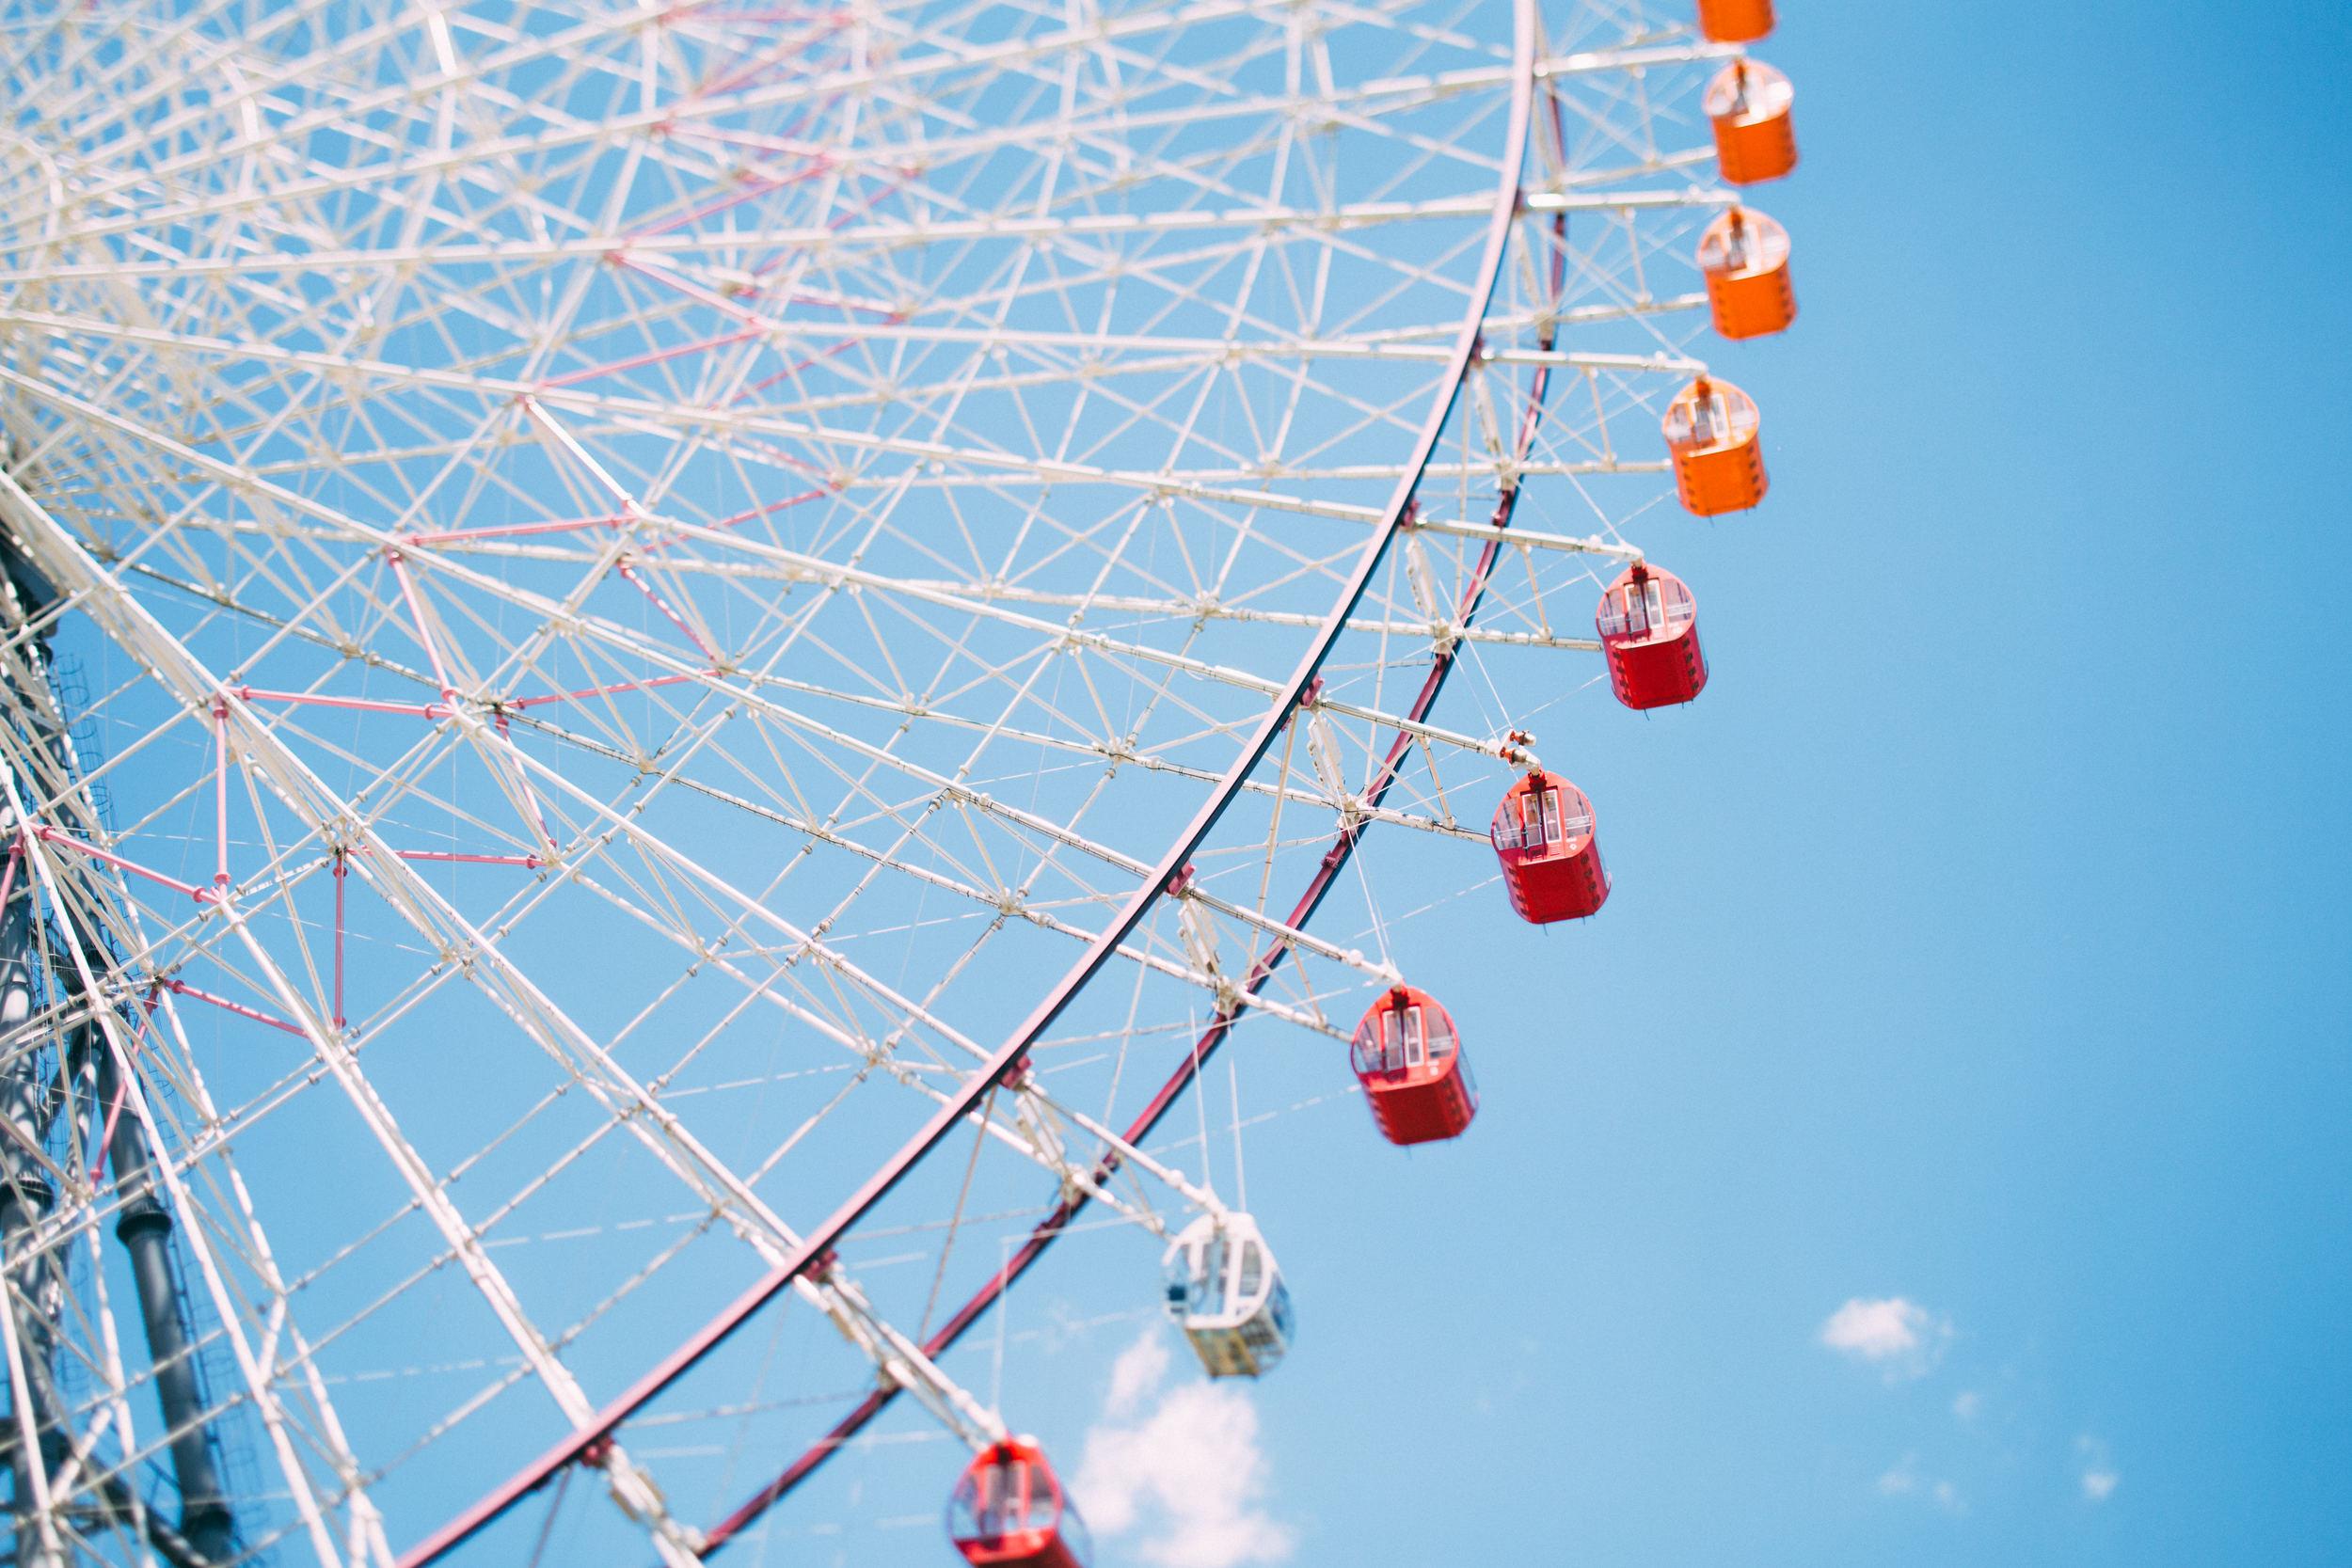 Japan, DC Photography, Dan Chern Photography, Bay Area Photography, Wedding Photography, Travel, Travel Photography, Tokyo, Kyoto, Odaiba, Osaka, Ferris Wheel